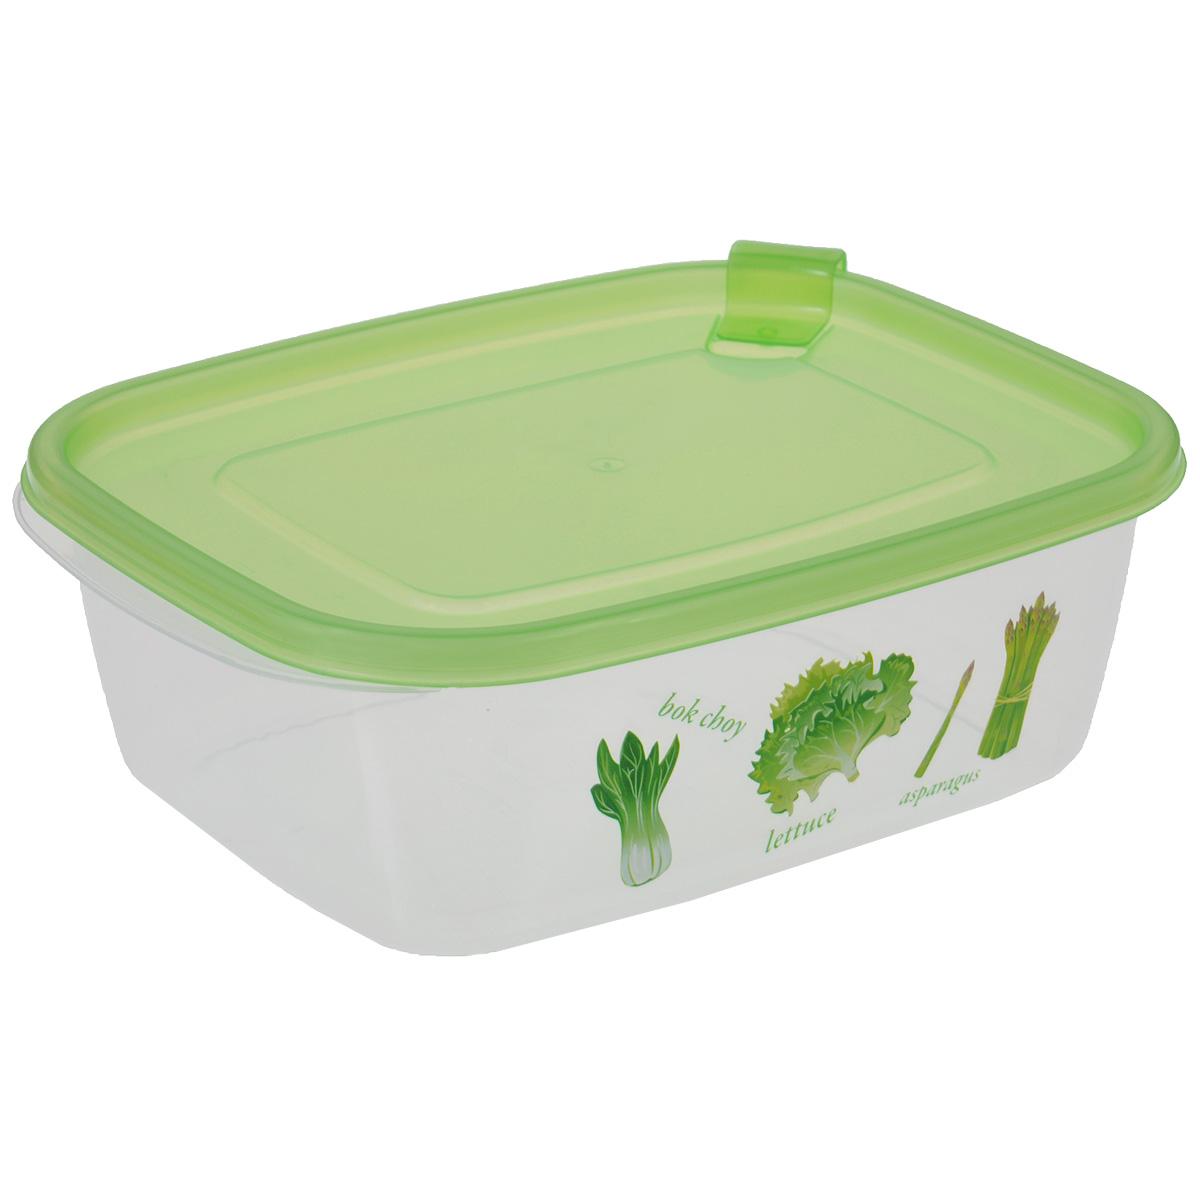 Контейнер Бытпласт Phibo, цвет: зеленый, 1,25 лС11704Контейнер Бытпласт Phibo прямоугольной формы, изготовленный из прочного пластика, предназначен специально для хранения пищевых продуктов. Контейнер, декорированный изображением овощей, оснащен герметичной крышкой со специальным клапаном, благодаря которому внутри создается вакуум, и продукты дольше сохраняют свежесть и аромат. Крышка легко открывается и плотно закрывается.Прозрачные стенки позволяют видеть содержимое.Контейнер устойчив к воздействию масел и жиров, легко моется. Контейнер имеет возможность хранения продуктов глубокой заморозки, обладает высокой прочностью.Можно мыть в посудомоечной машине. Подходит для использования в микроволновых печах.